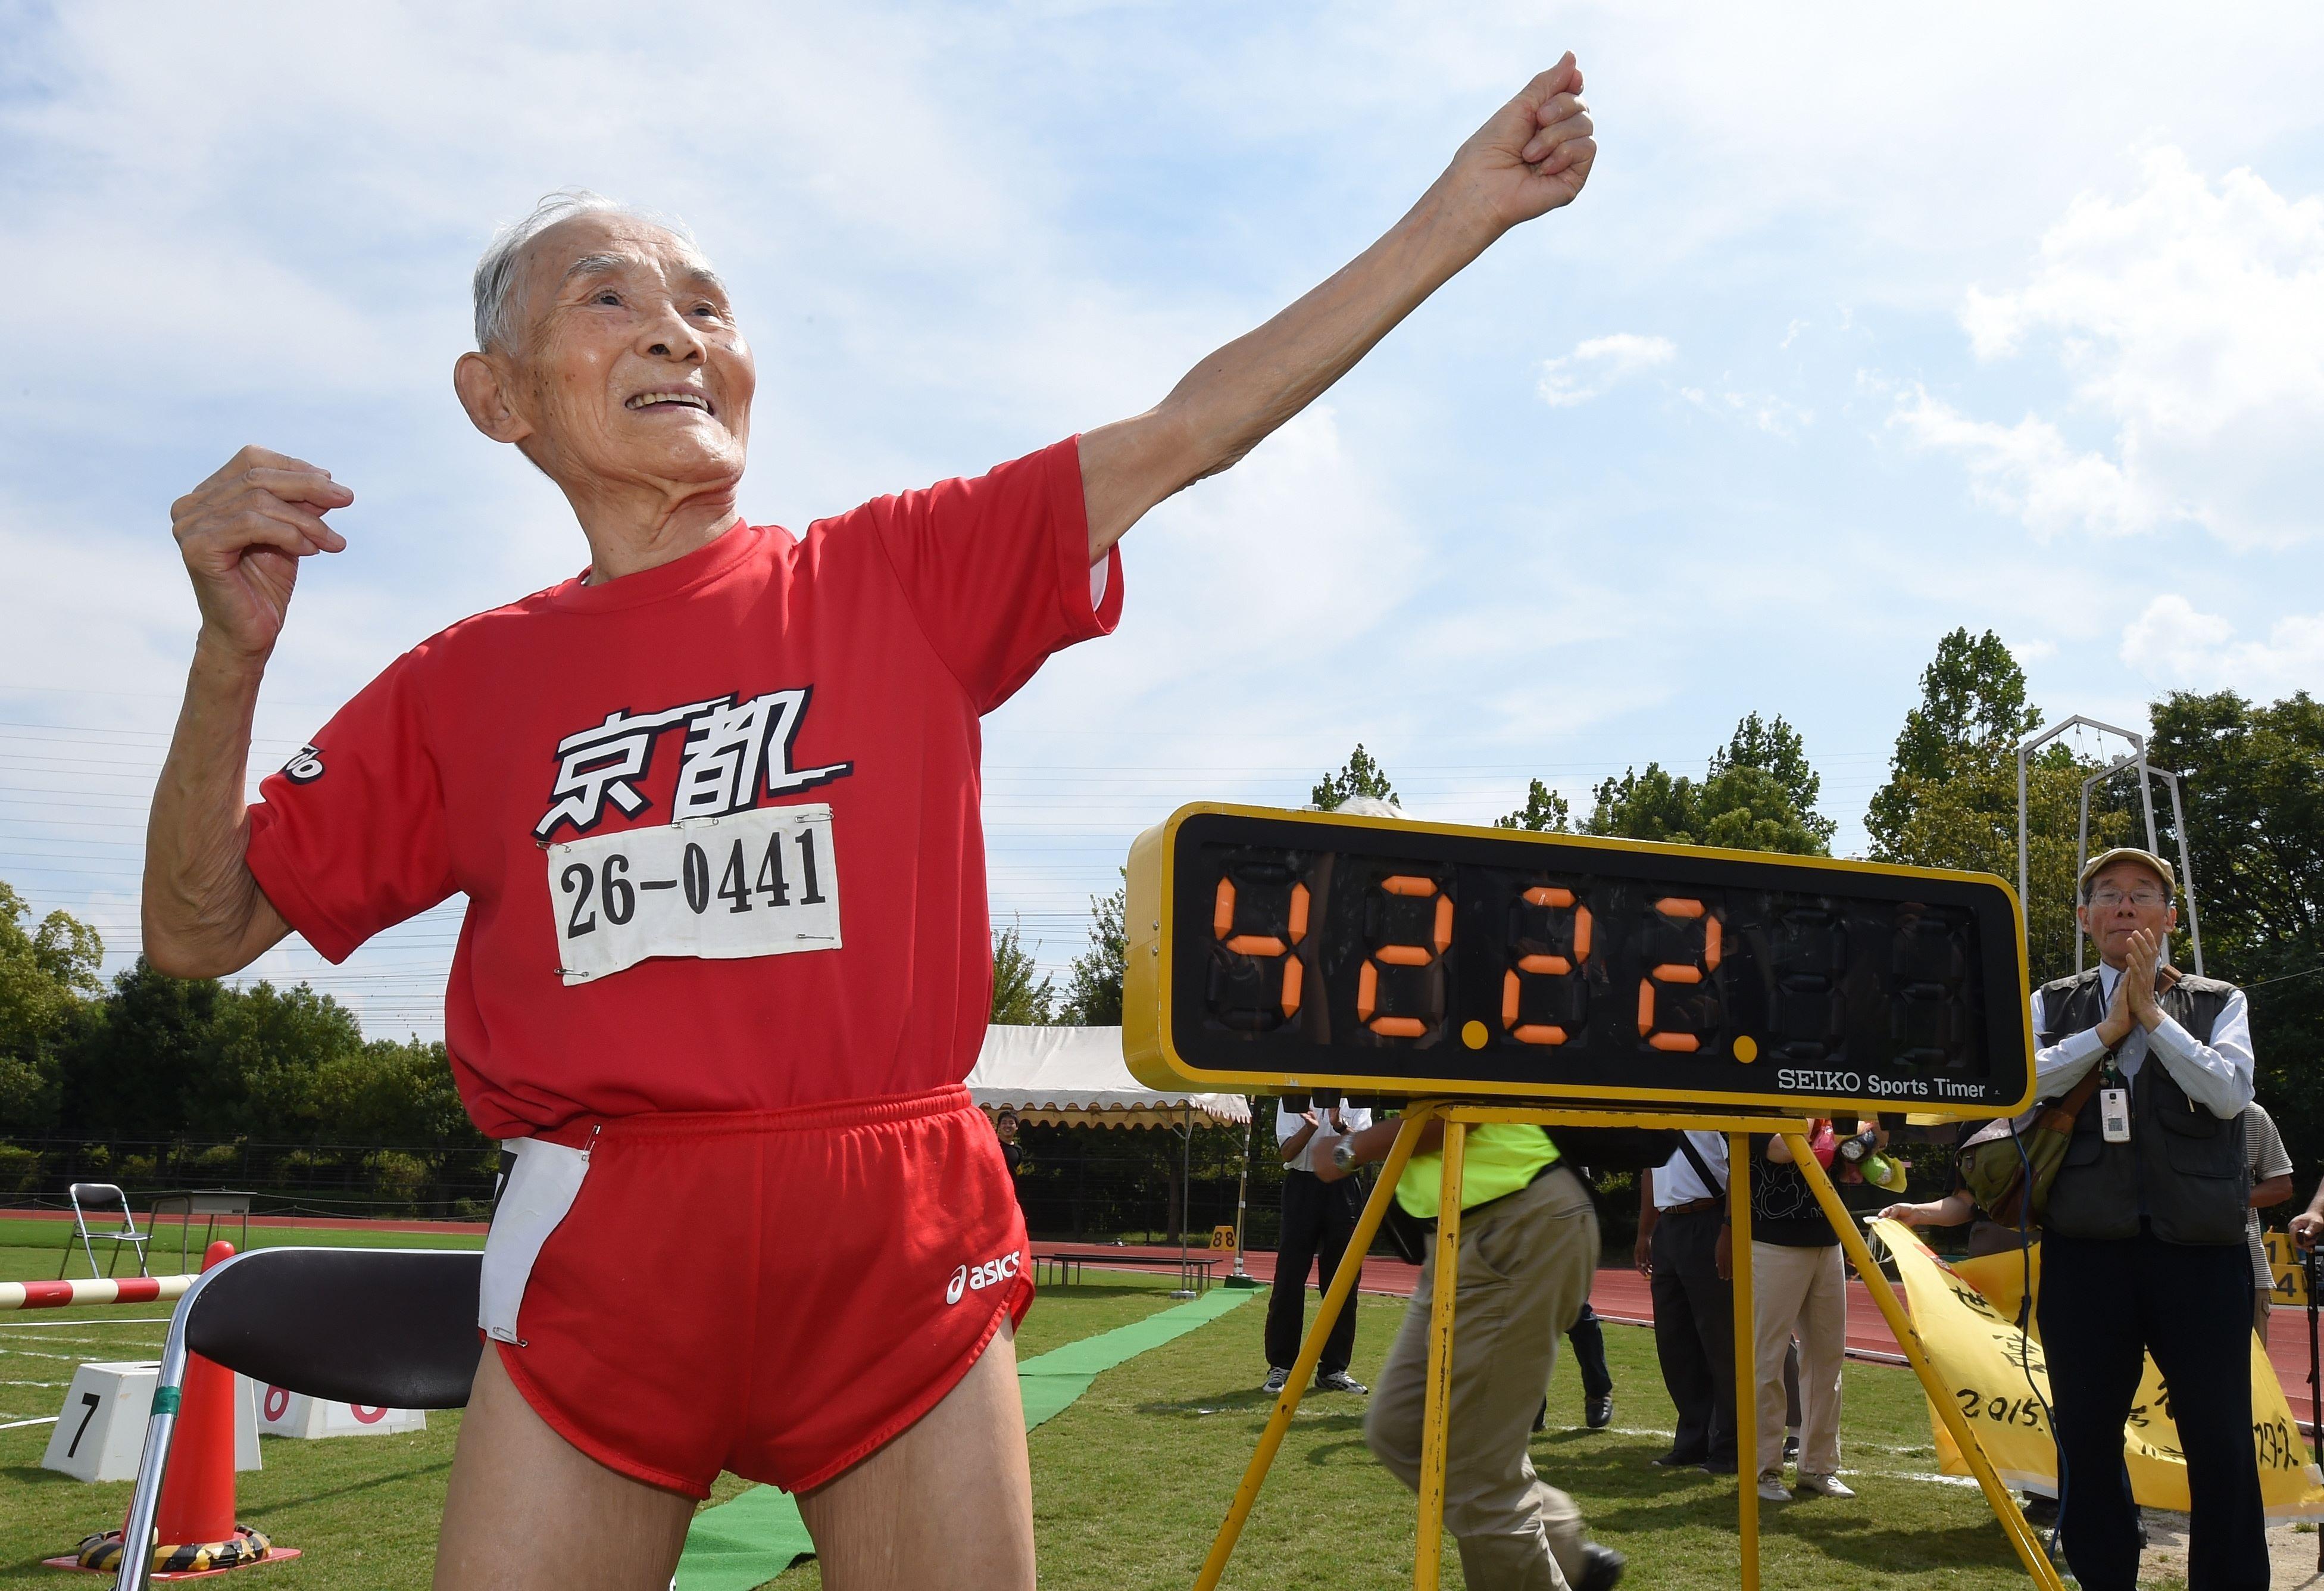 Hidekichi Miyazaki has died aged 108